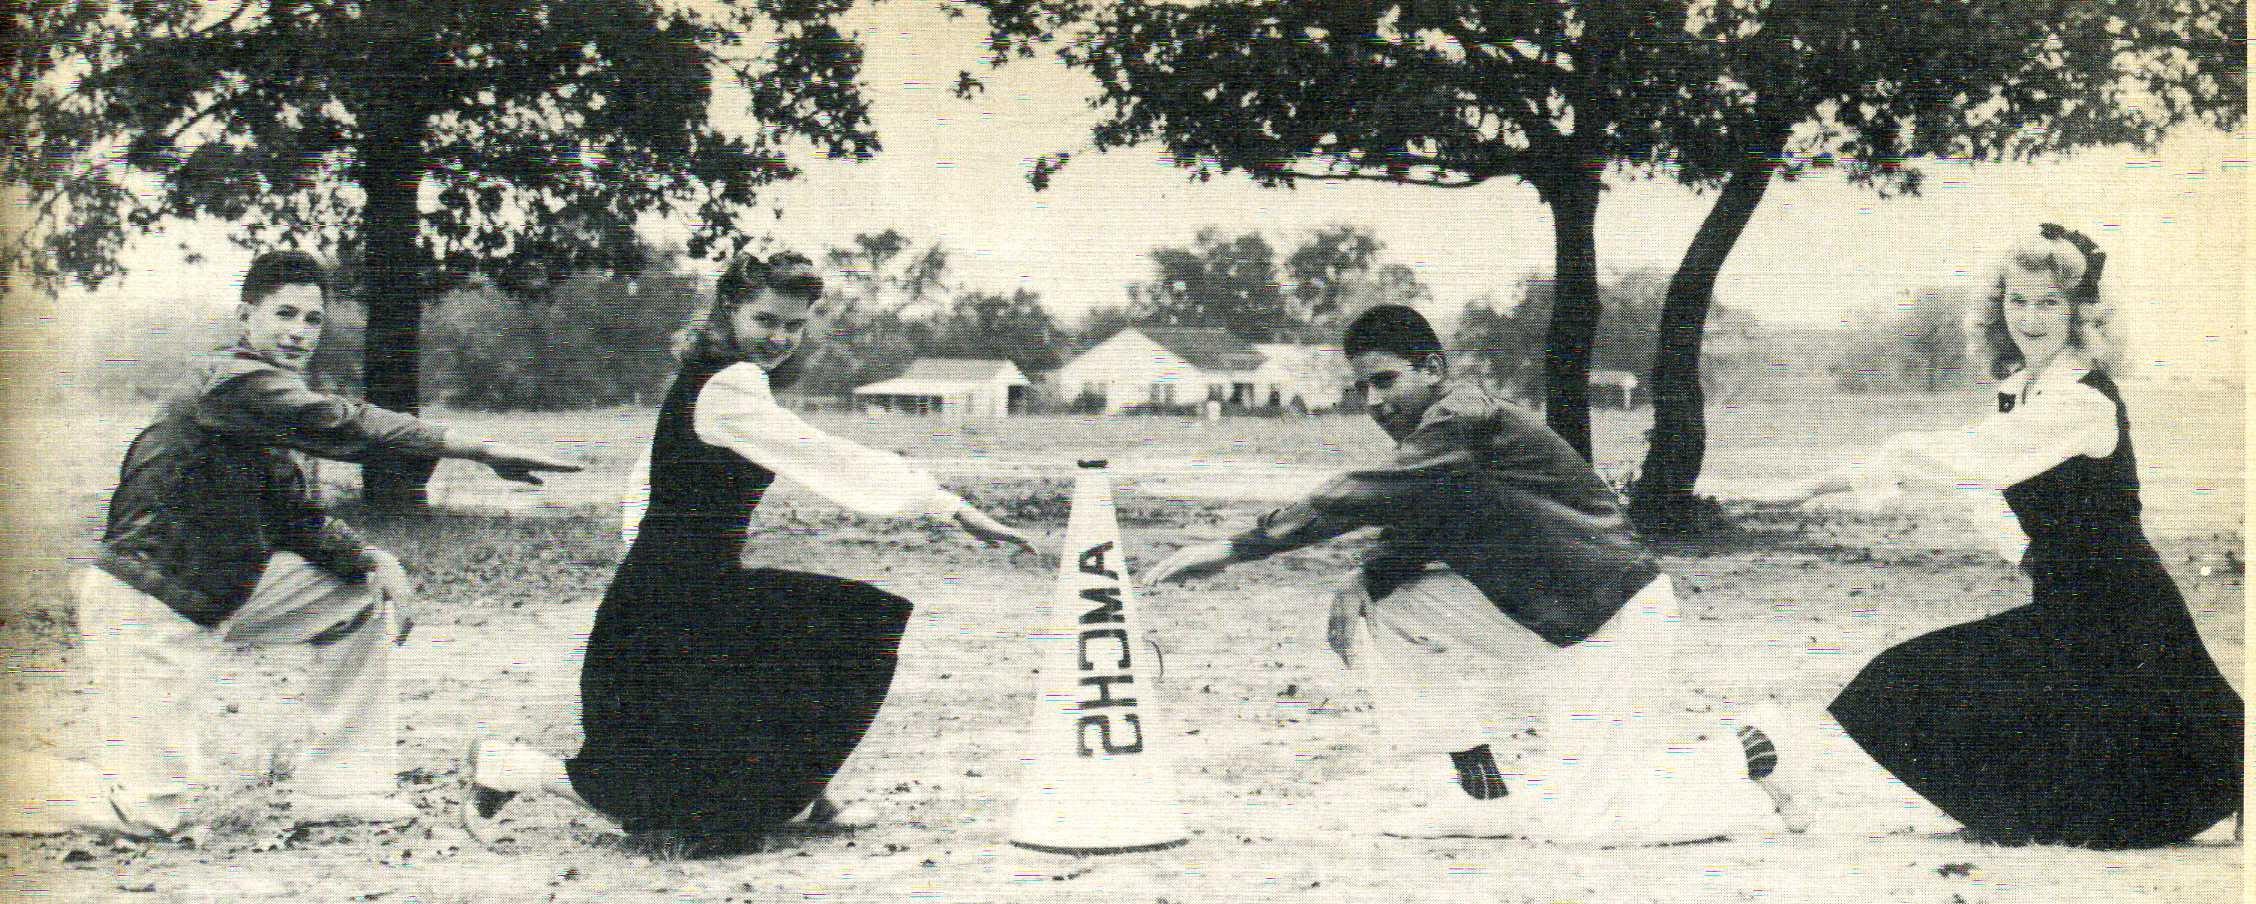 '43-3 Cheerleaders